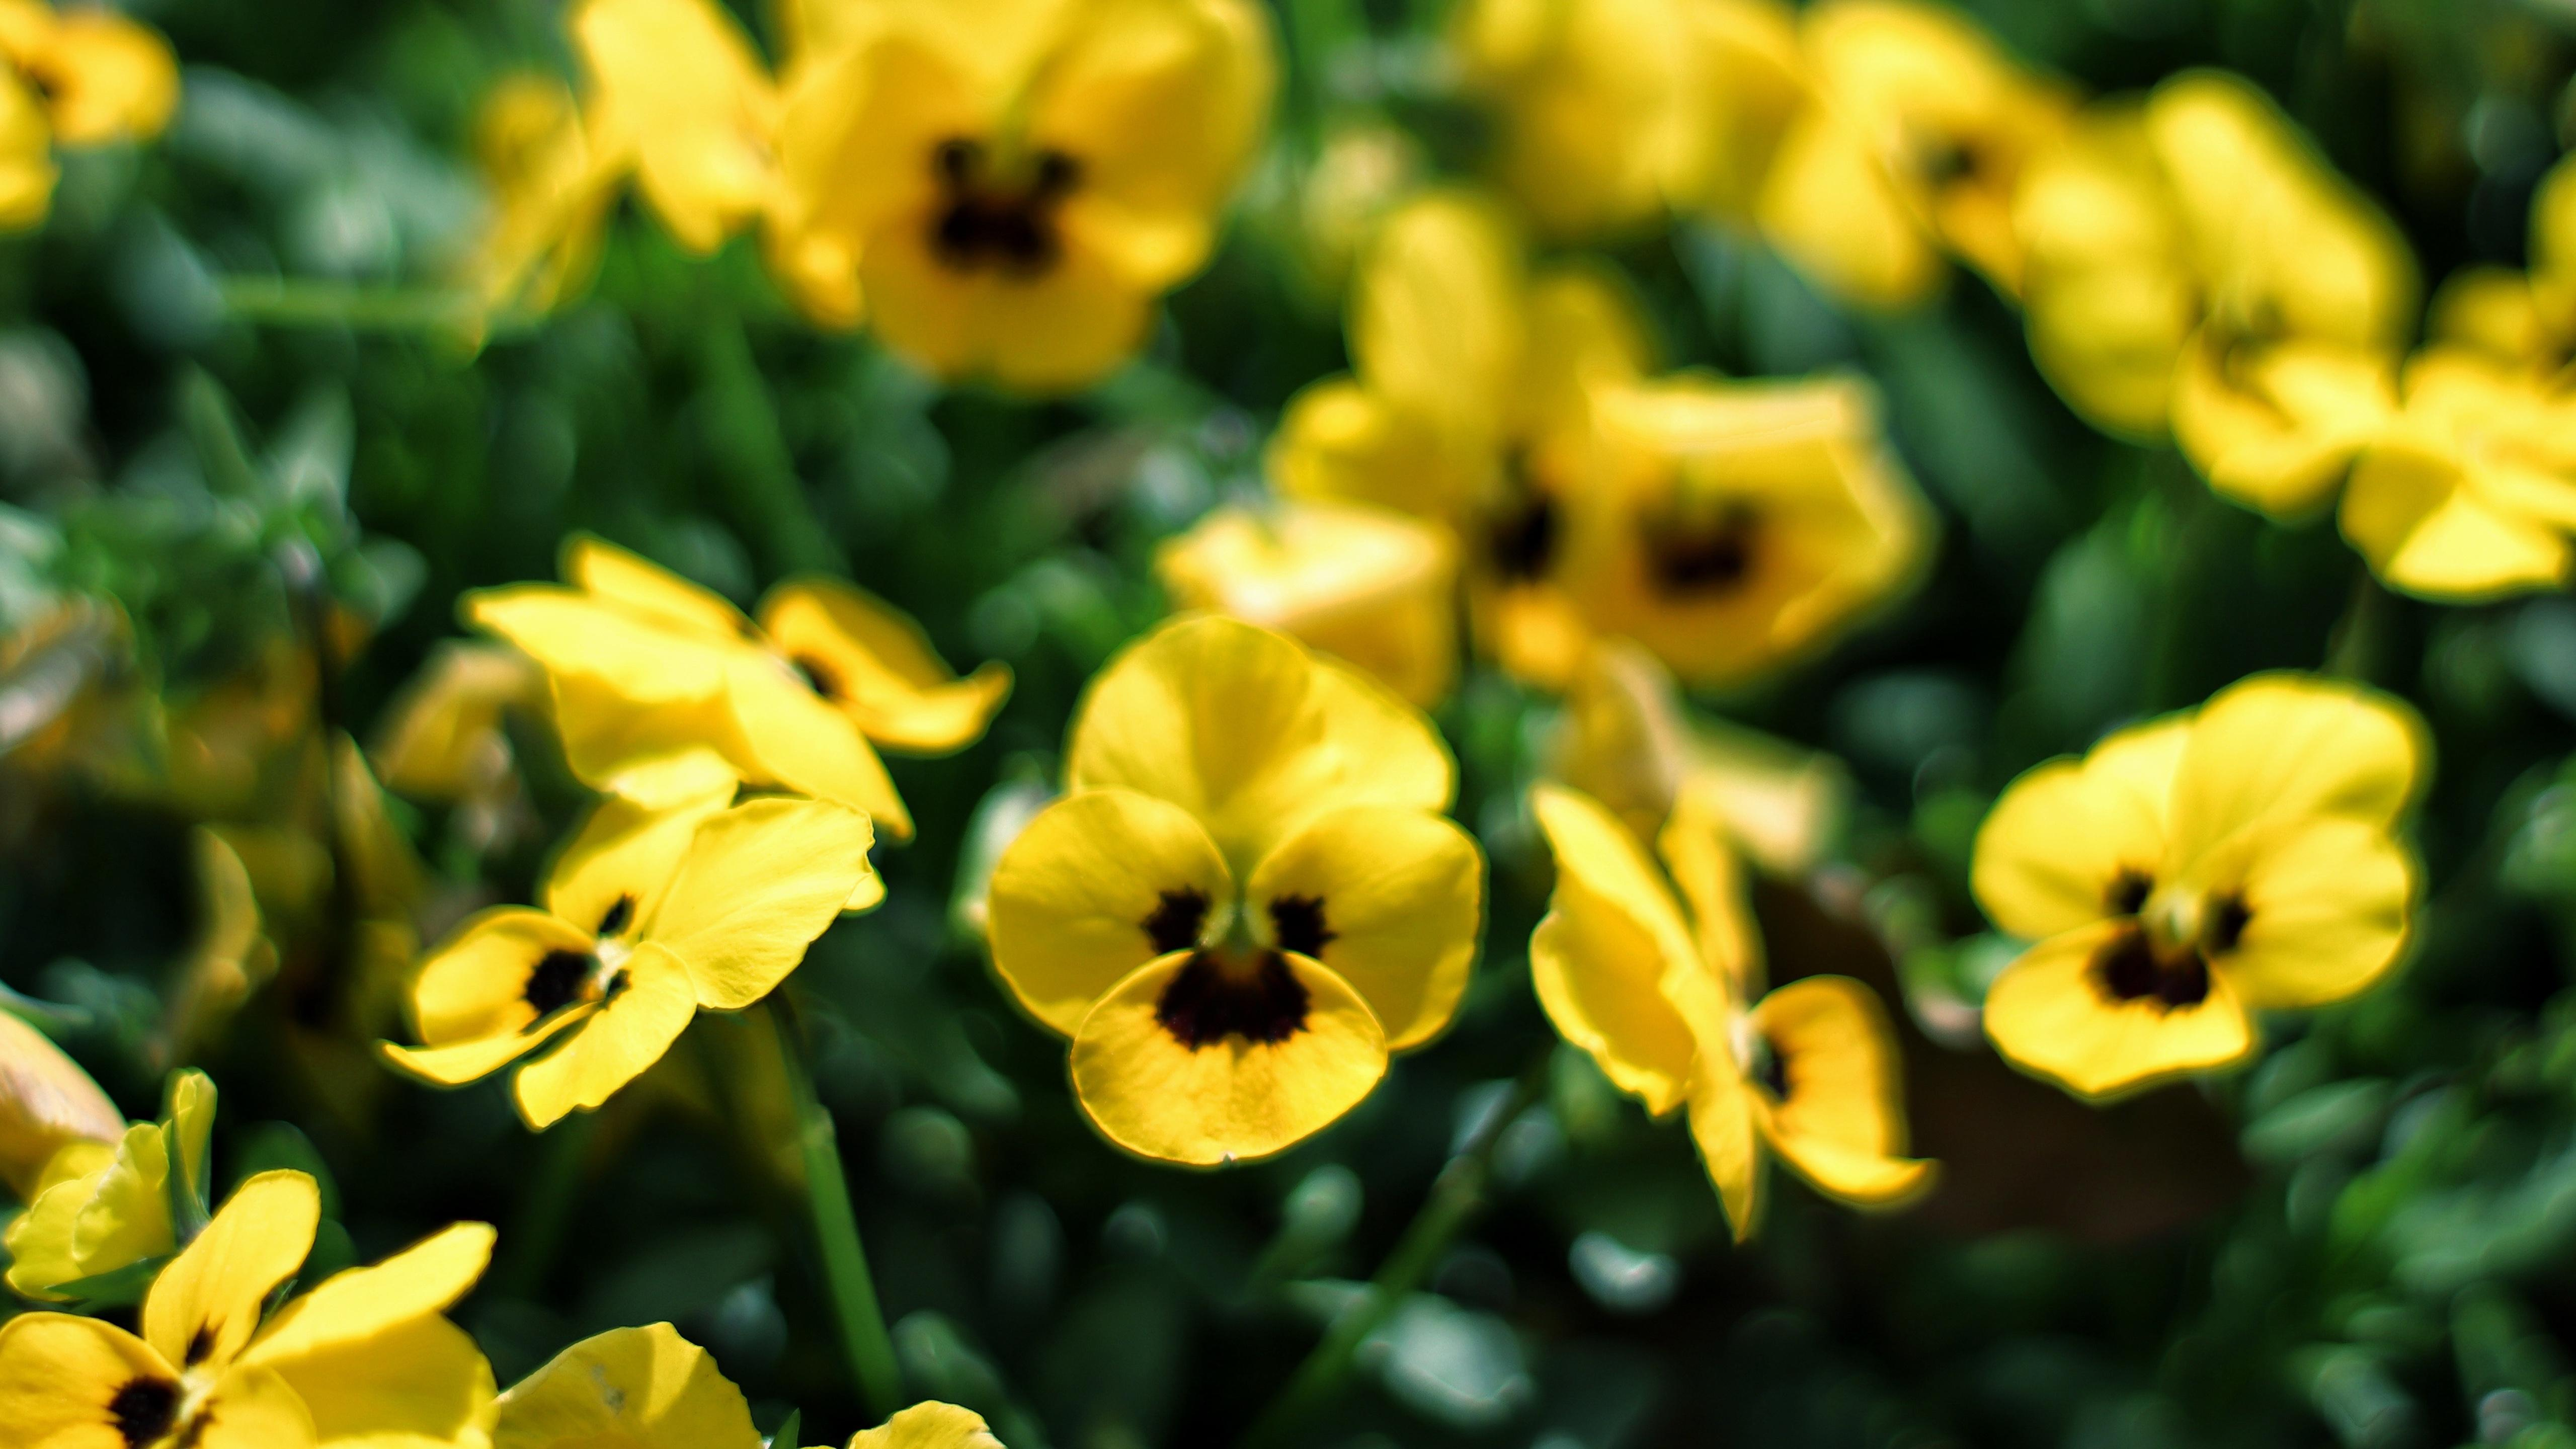 小清新,清新淡雅,,可爱小巧,,角堇,,,黄色